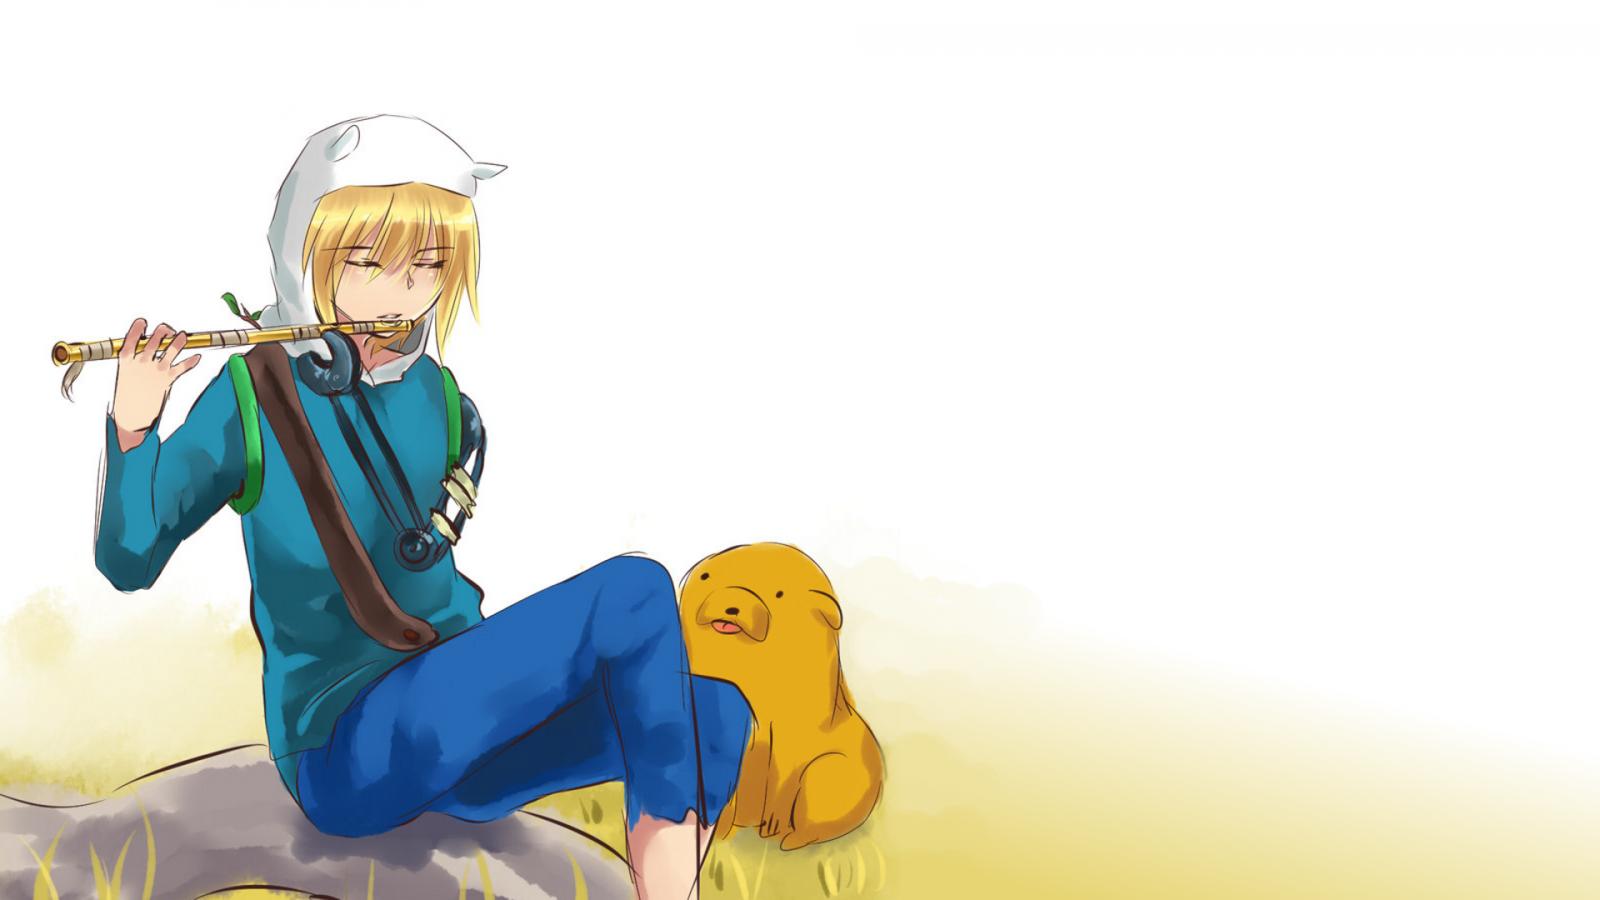 Papel De Parede 1920x1080 Px Playerunknowns: Papel De Parede : Ilustração, Anime, Desenho Animado